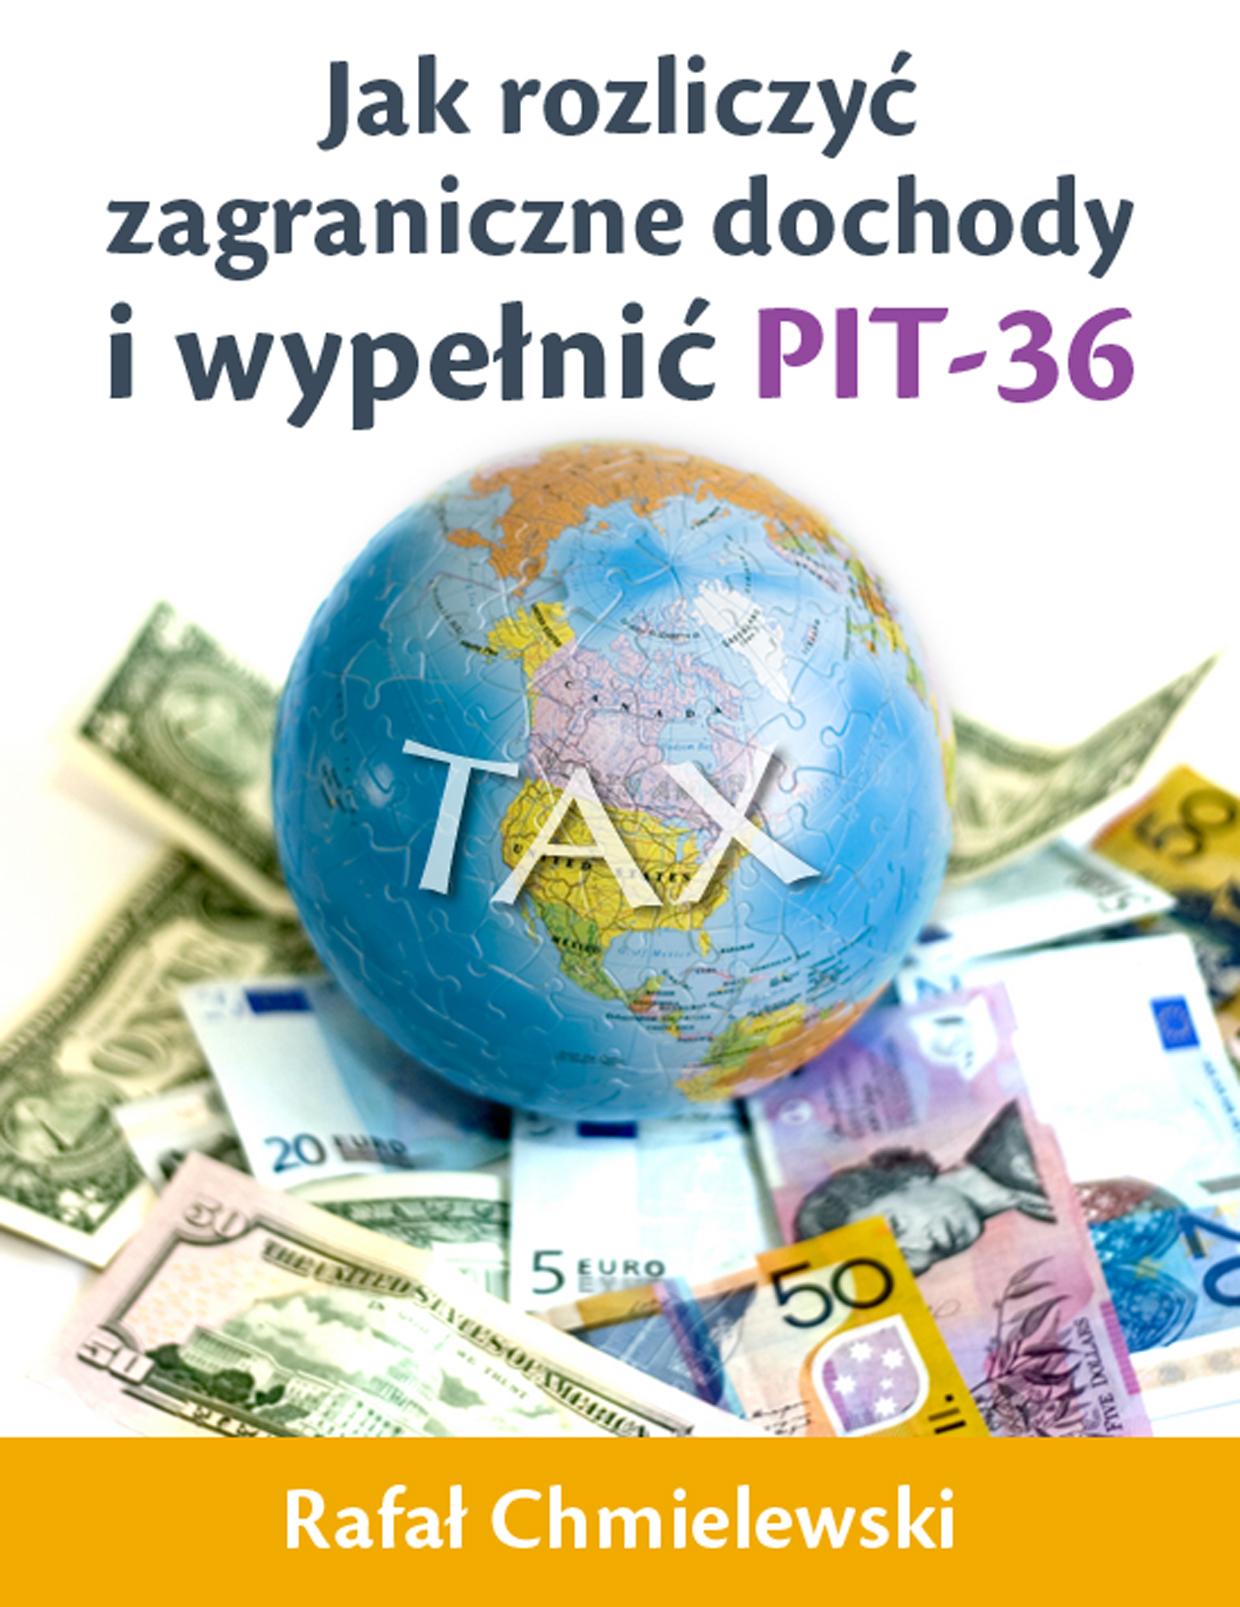 Rafał Chmielewski: Jak rozliczyć zagraniczne dochody i wypełnić PIT-36 - okładka